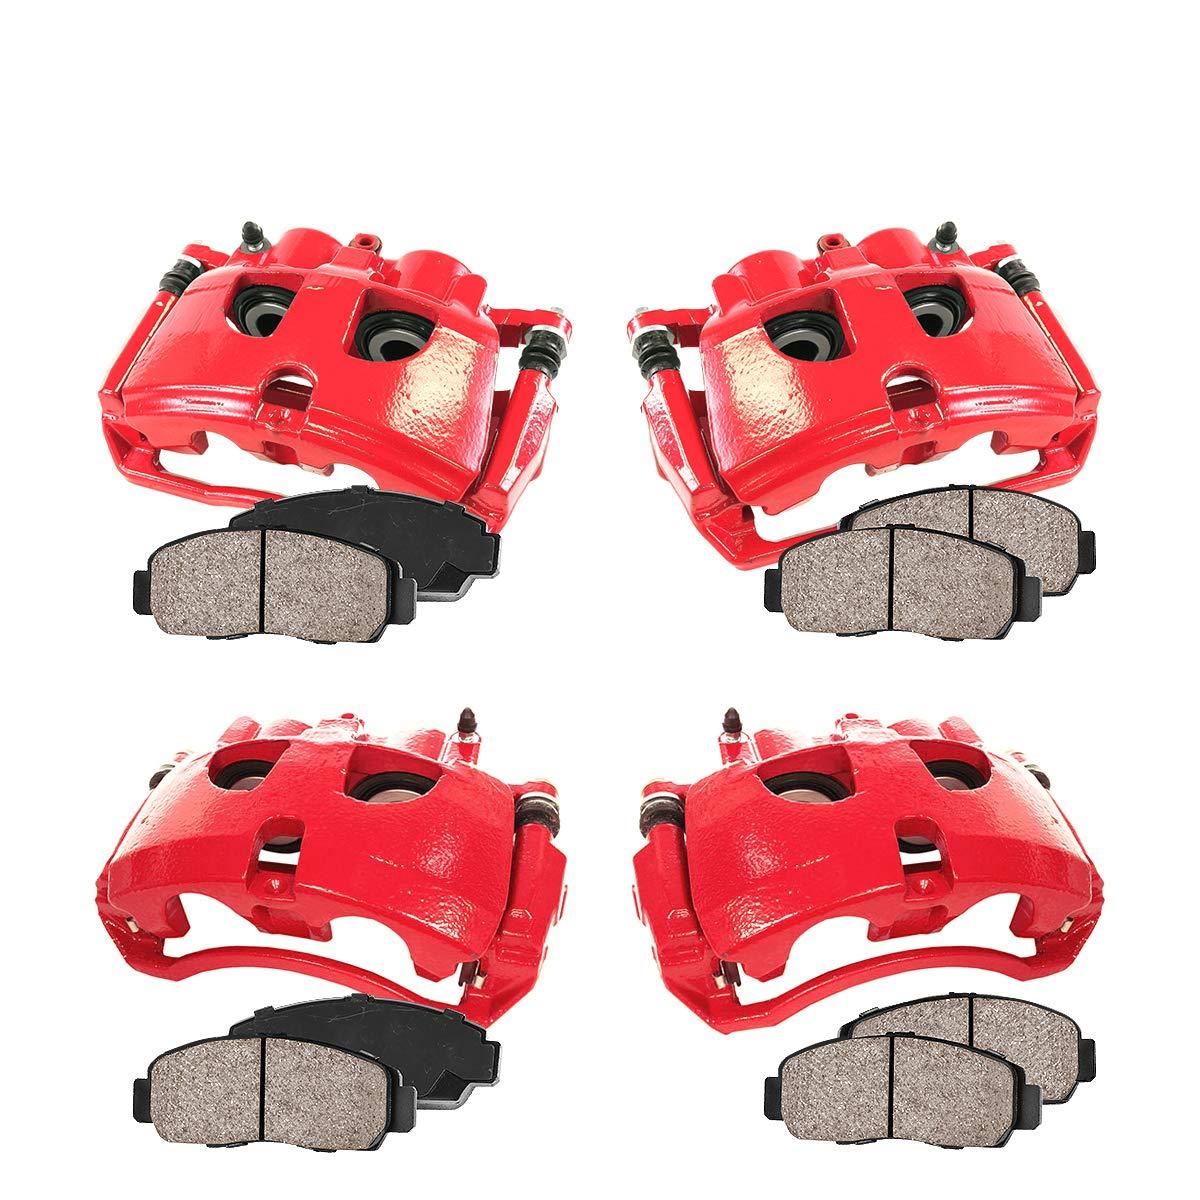 Ceramic Brake Pads 4 Callahan CCK03476 REAR Premium Loaded Red Calipers Hardware Kit FRONT